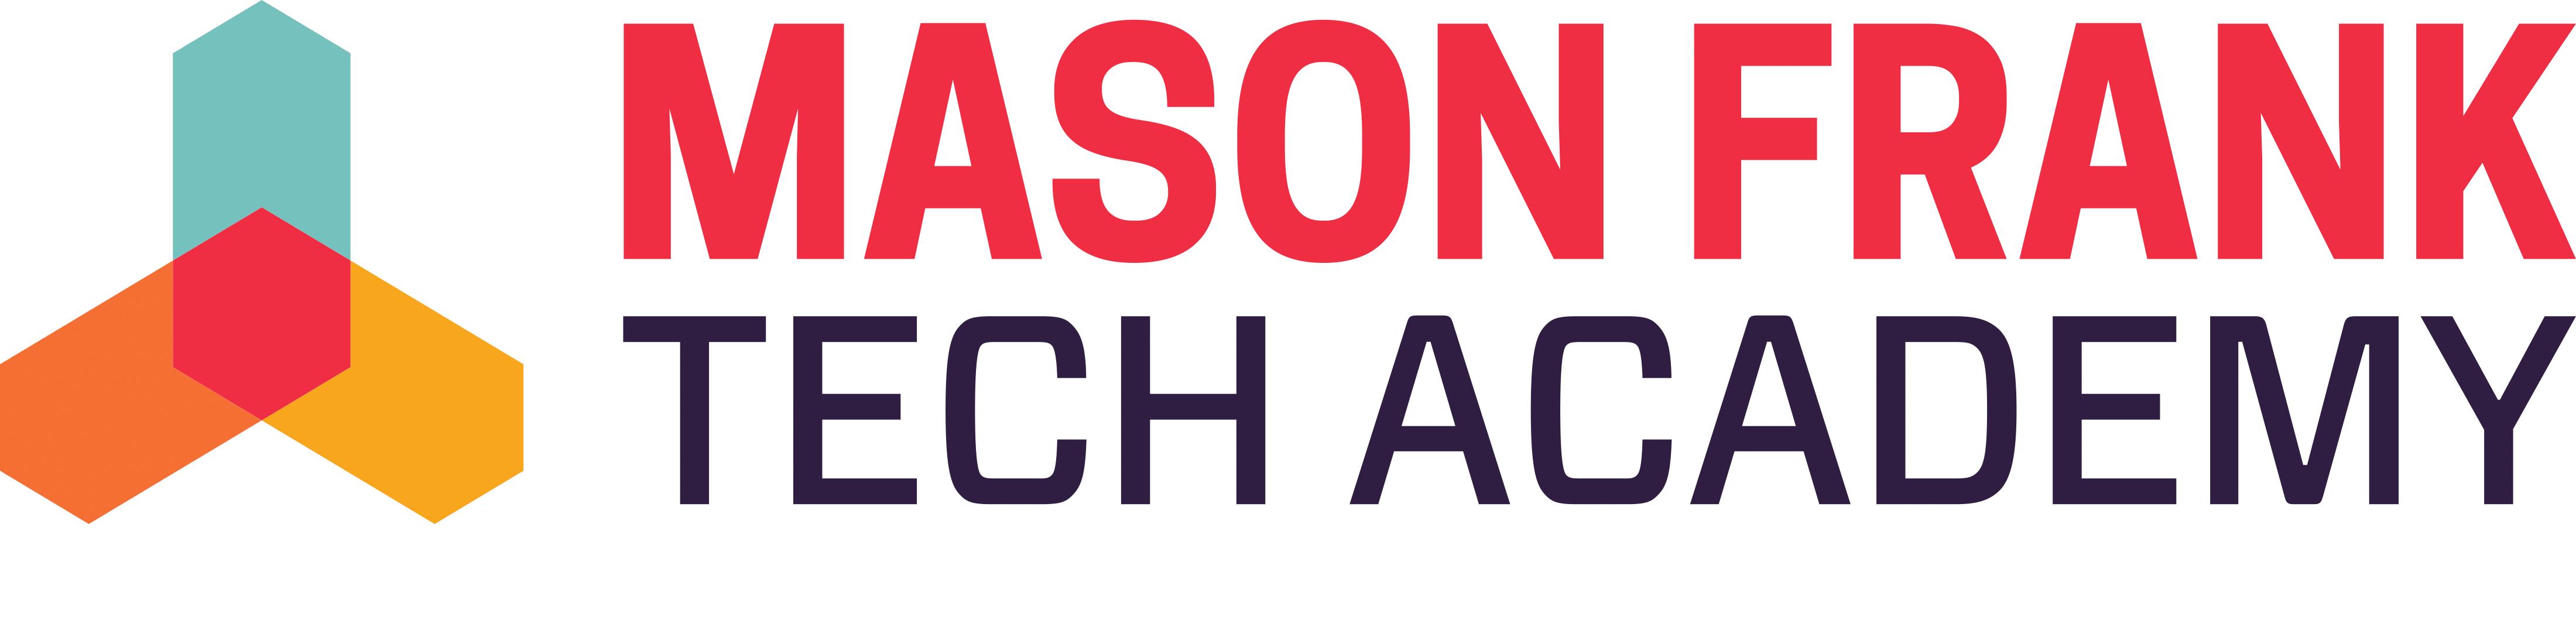 Mason Frank Tech Academy logo